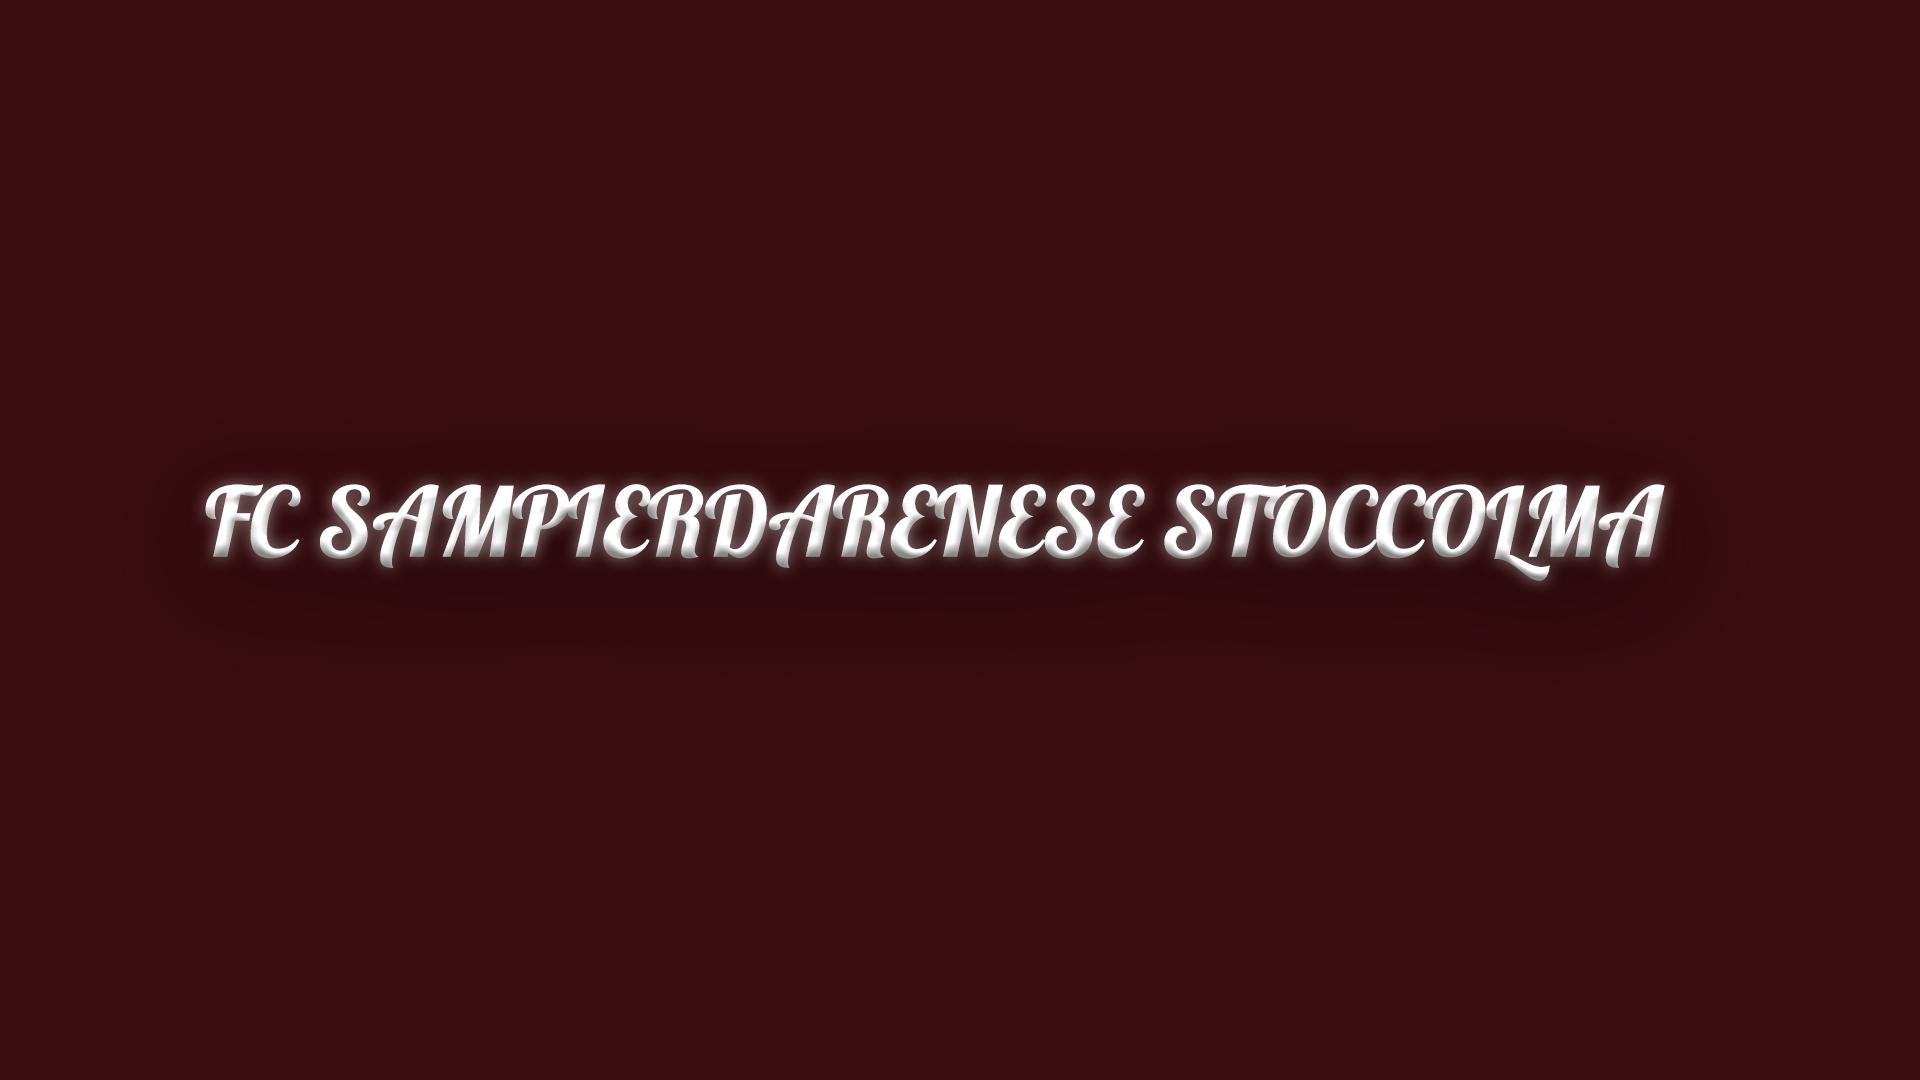 Plattmatch av FC Sampierdarenese